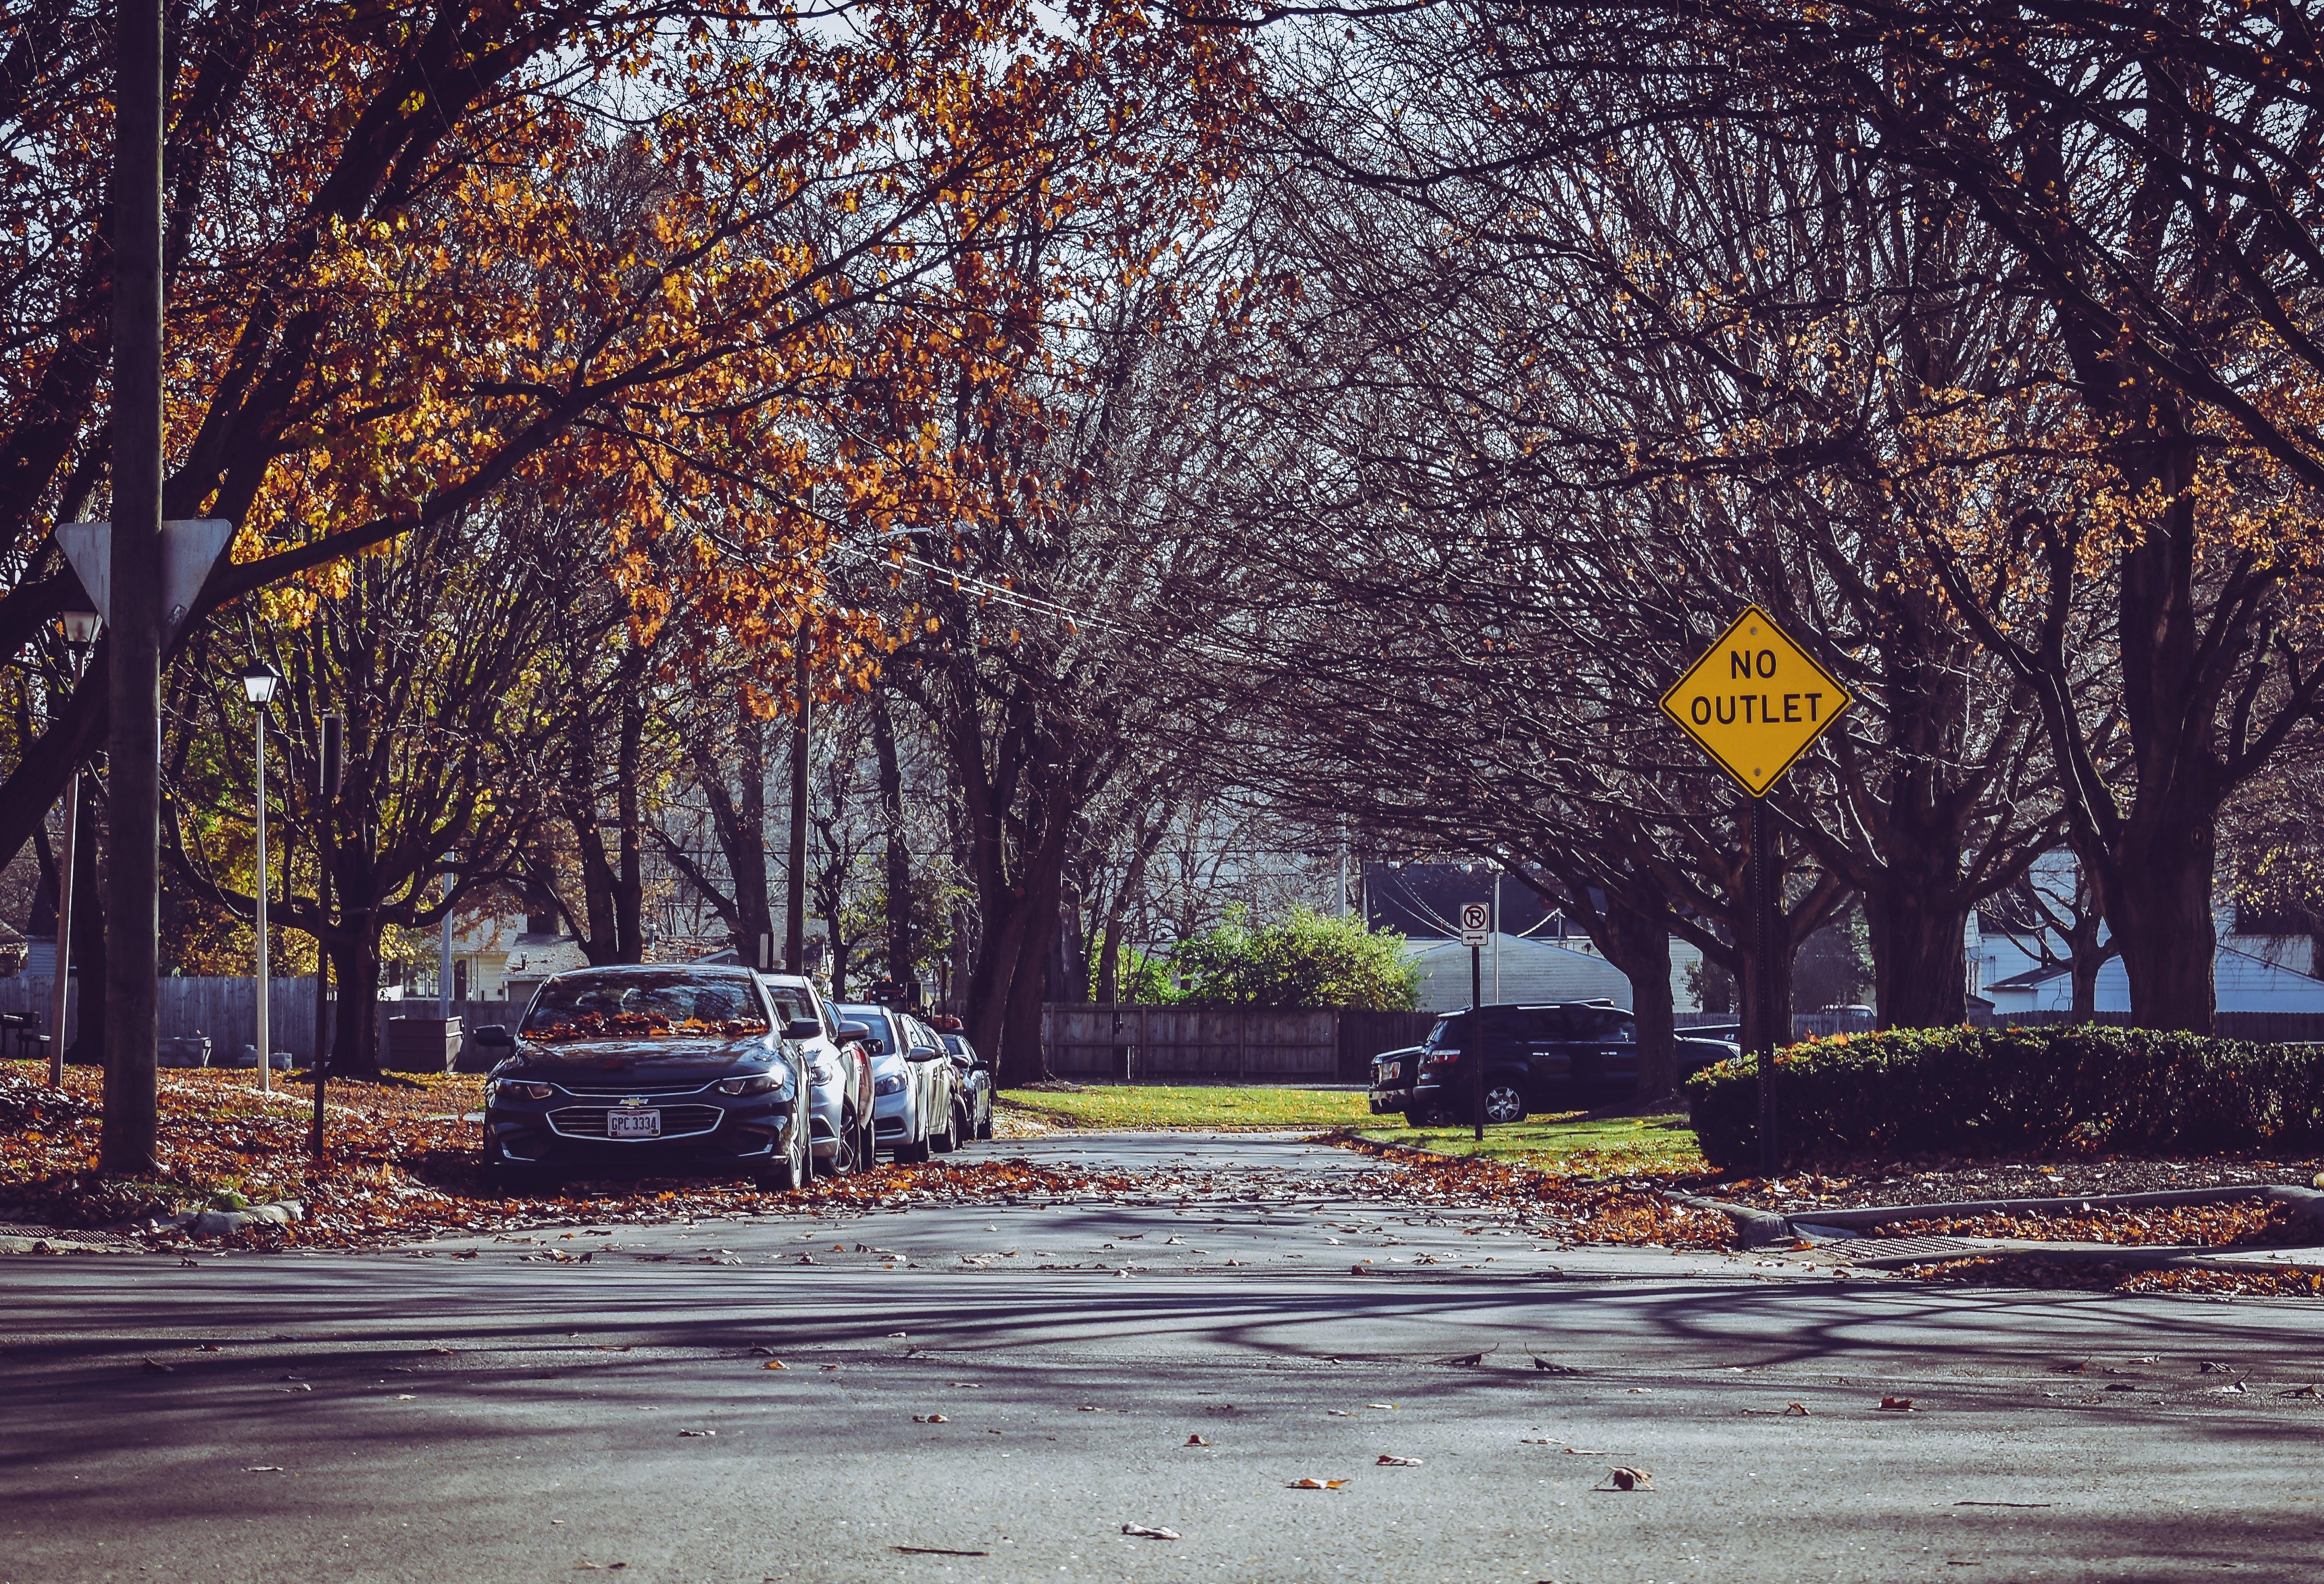 Gratis lagerfoto af biler, gade, køretøjer, parkeret